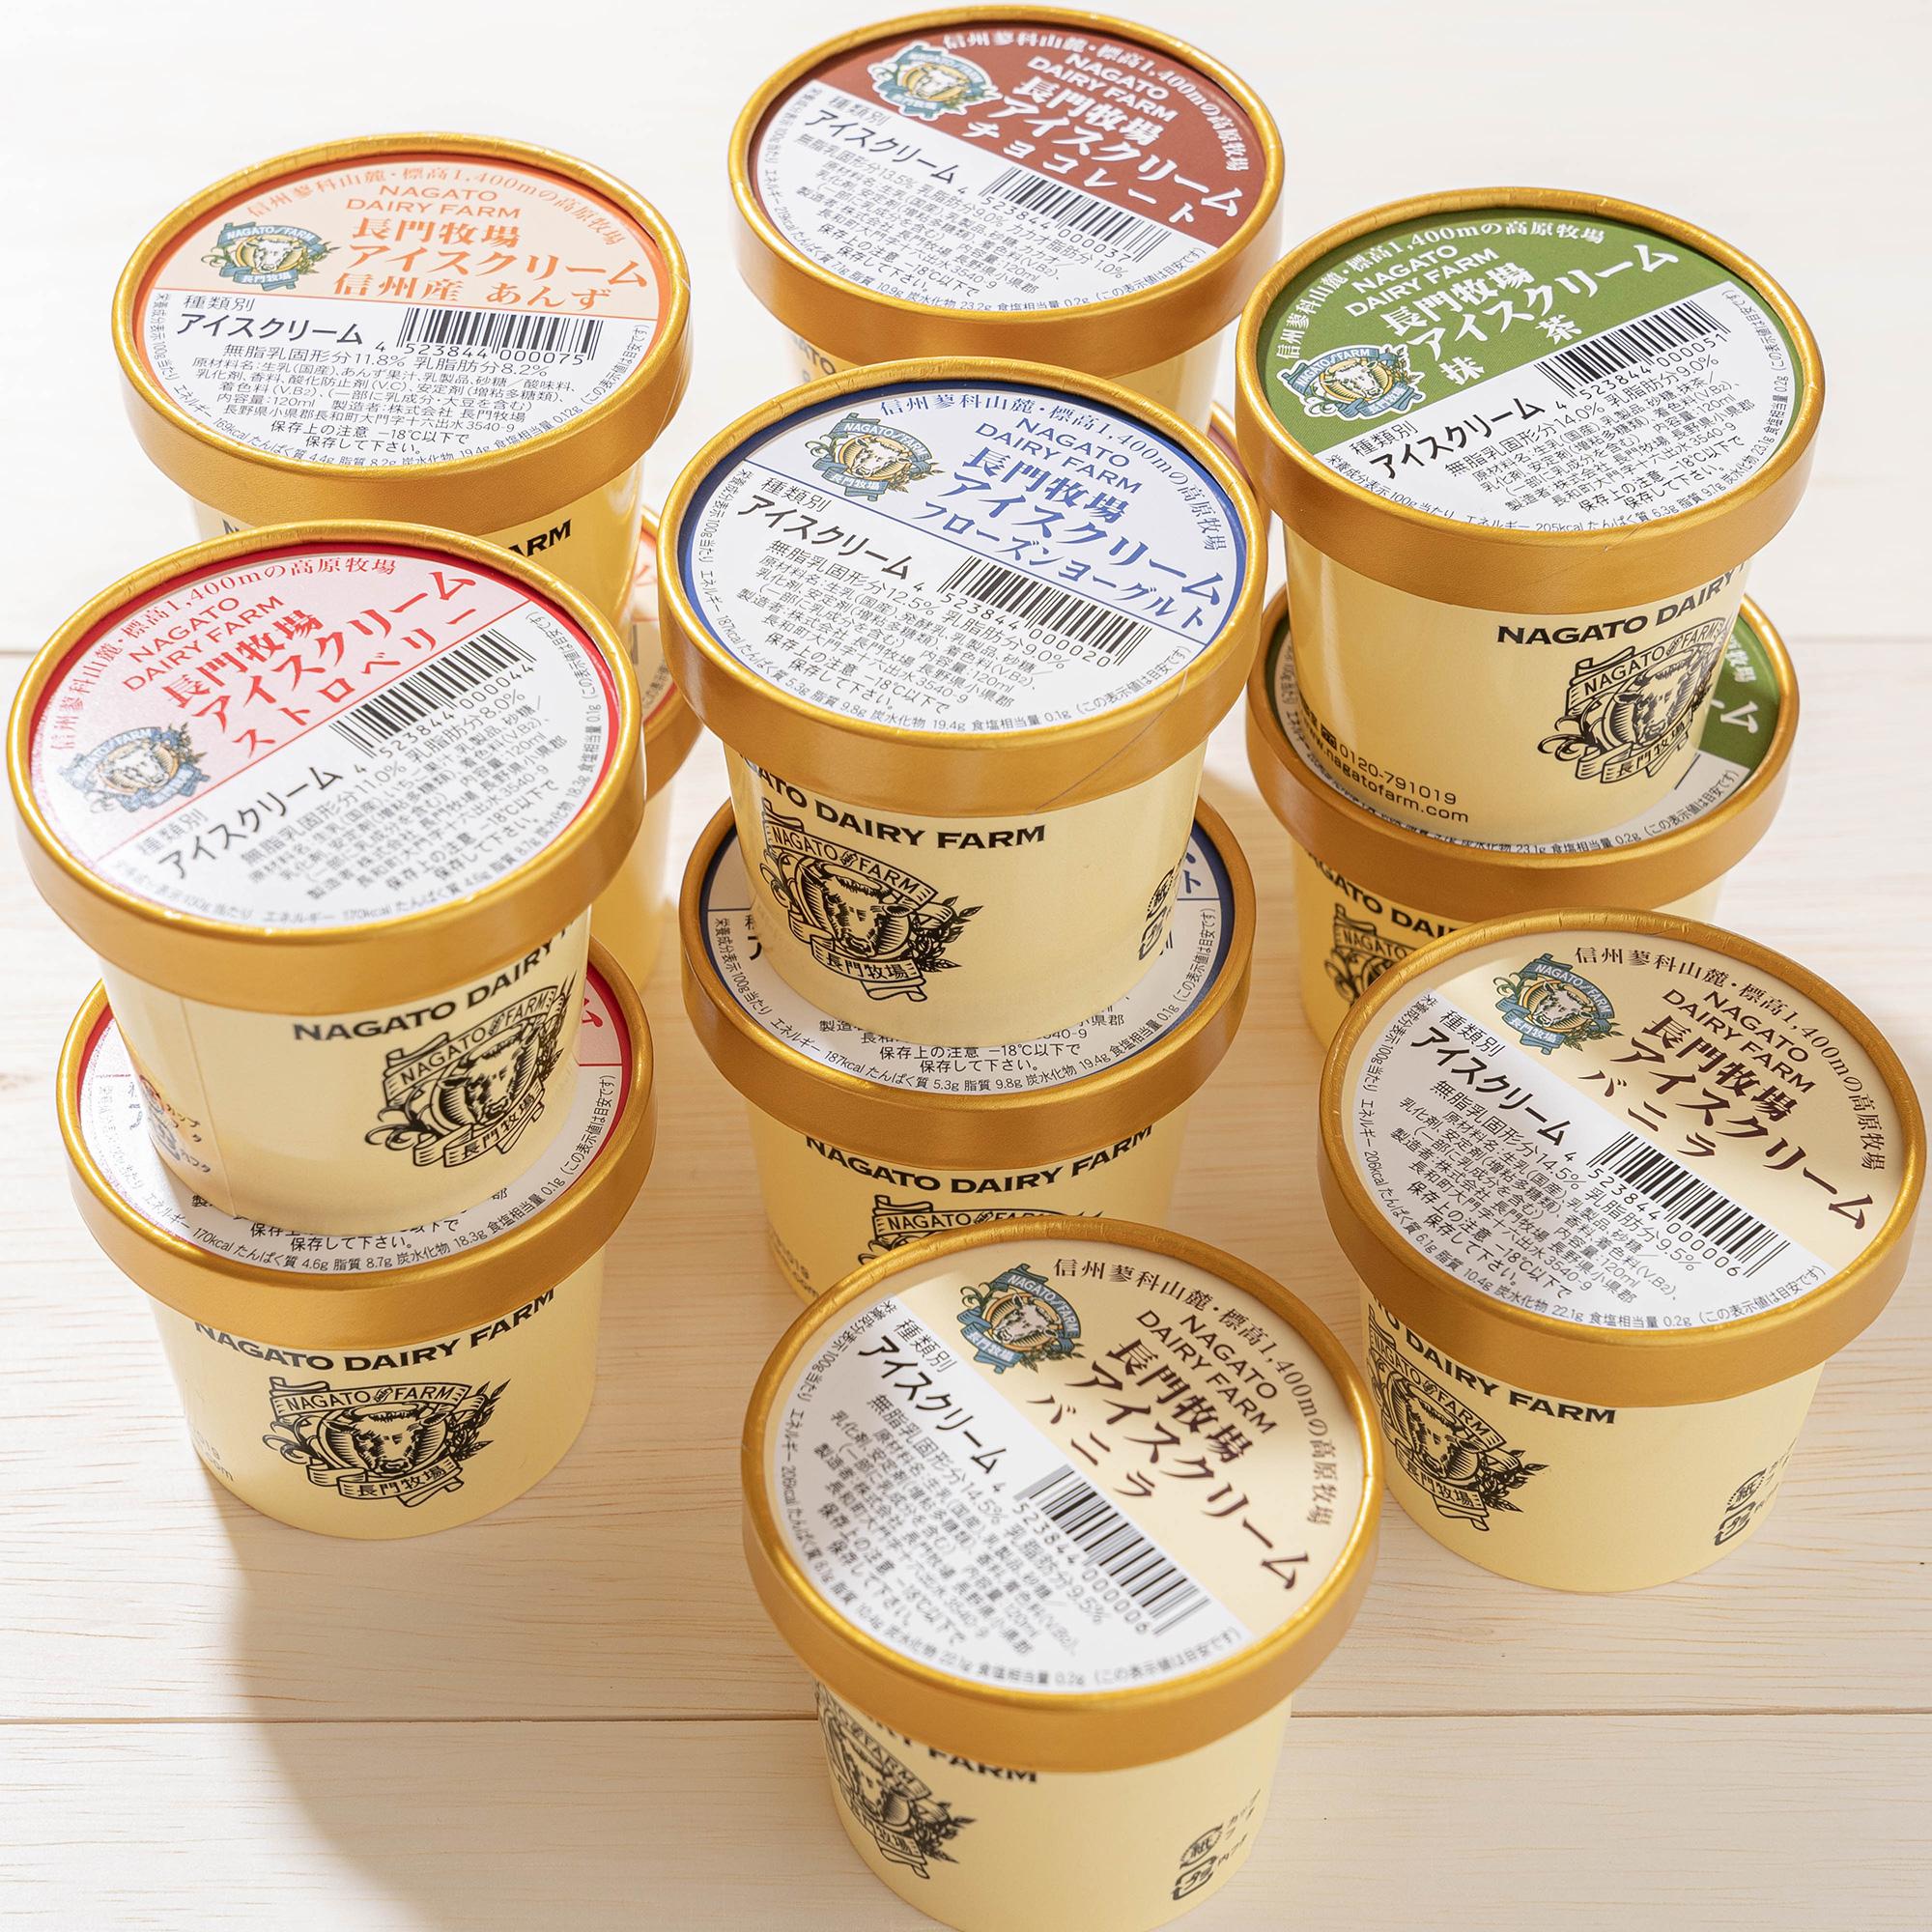 長門牧場アイスクリームセット(120ml×12個)【A-2】